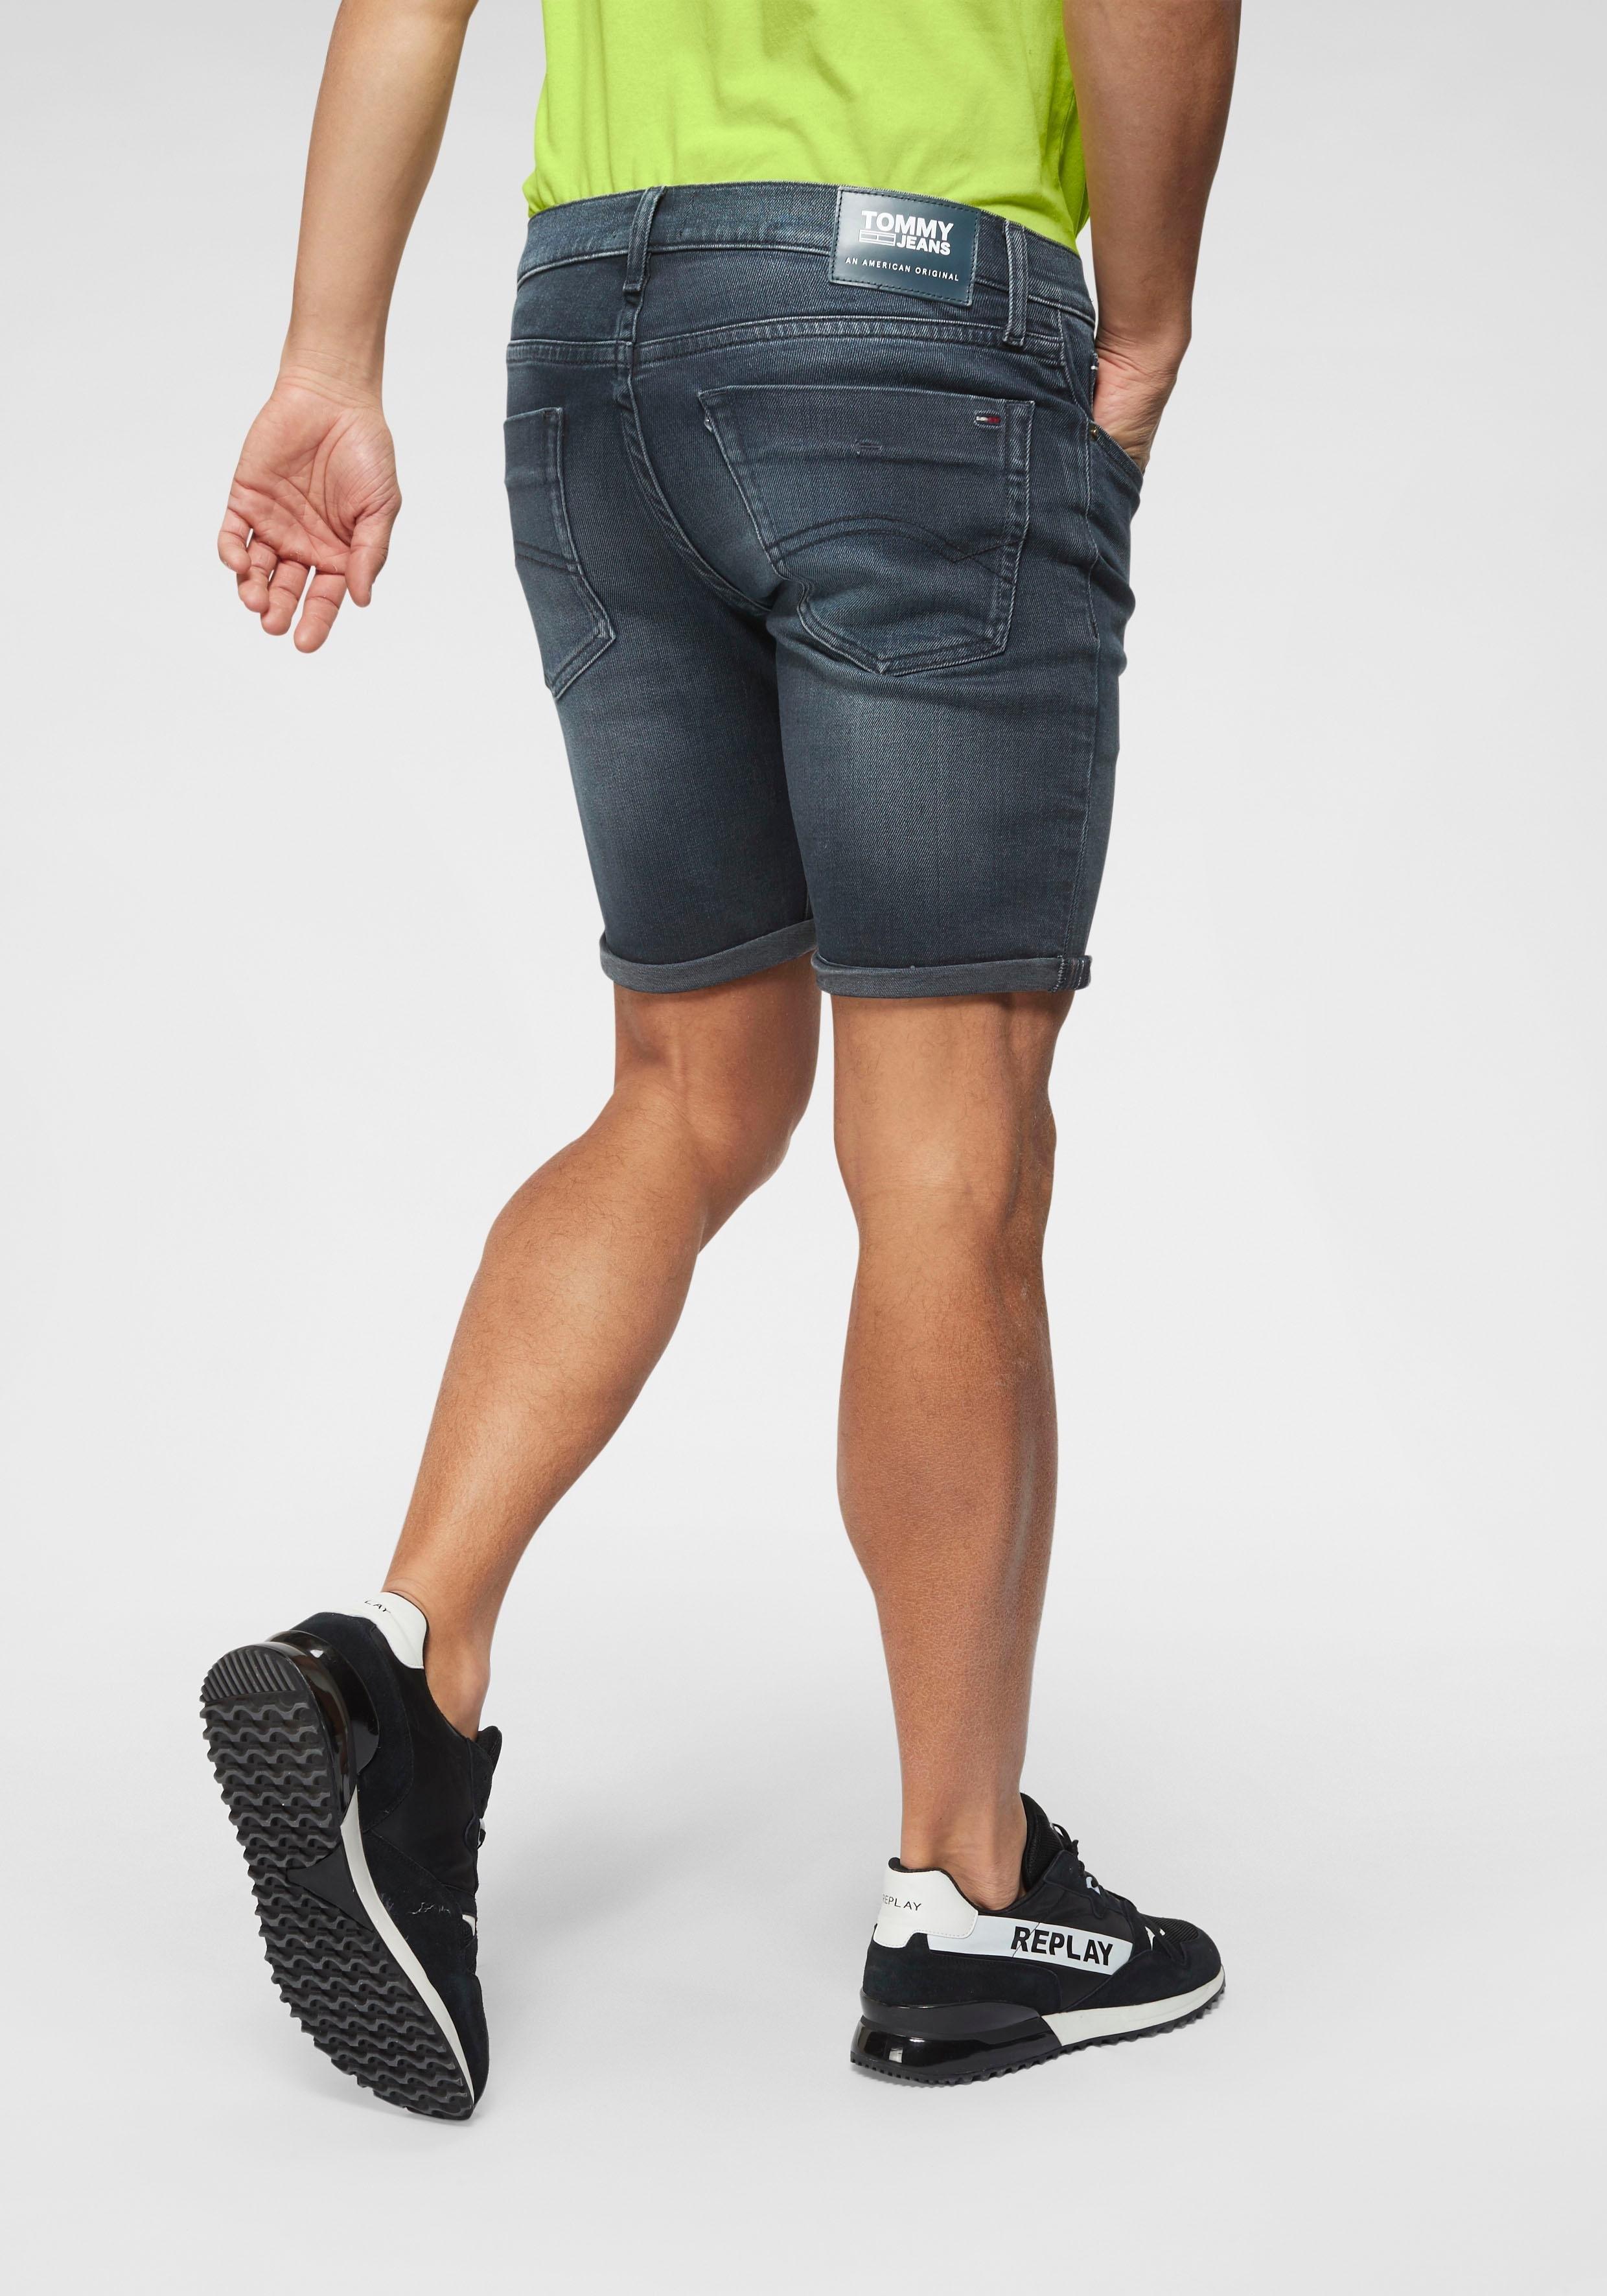 Korte Jeans Broek Heren.Korte Spijkerbroeken Voor Heren Online Kopen Koop Korte Jeans Otto